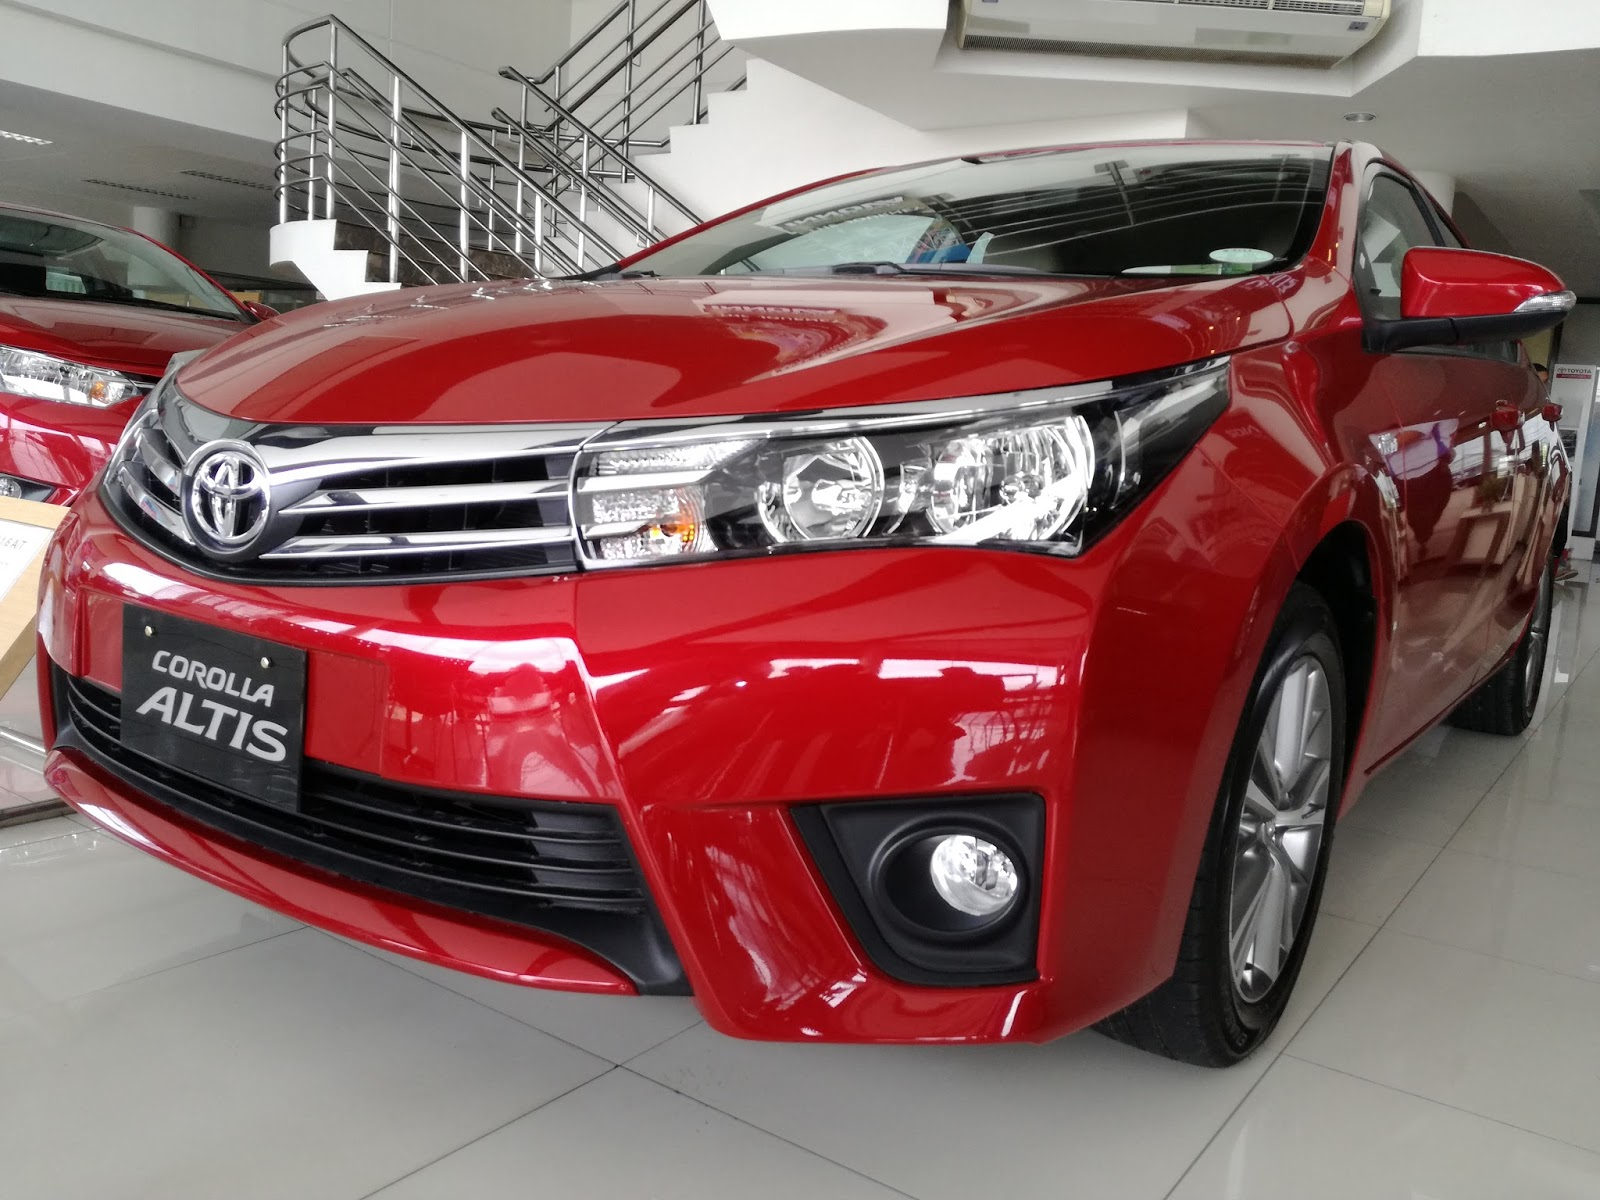 brand new toyota altis for sale philippines grand veloz 2019 2016 corolla 1 6 g automatic iloilo inc